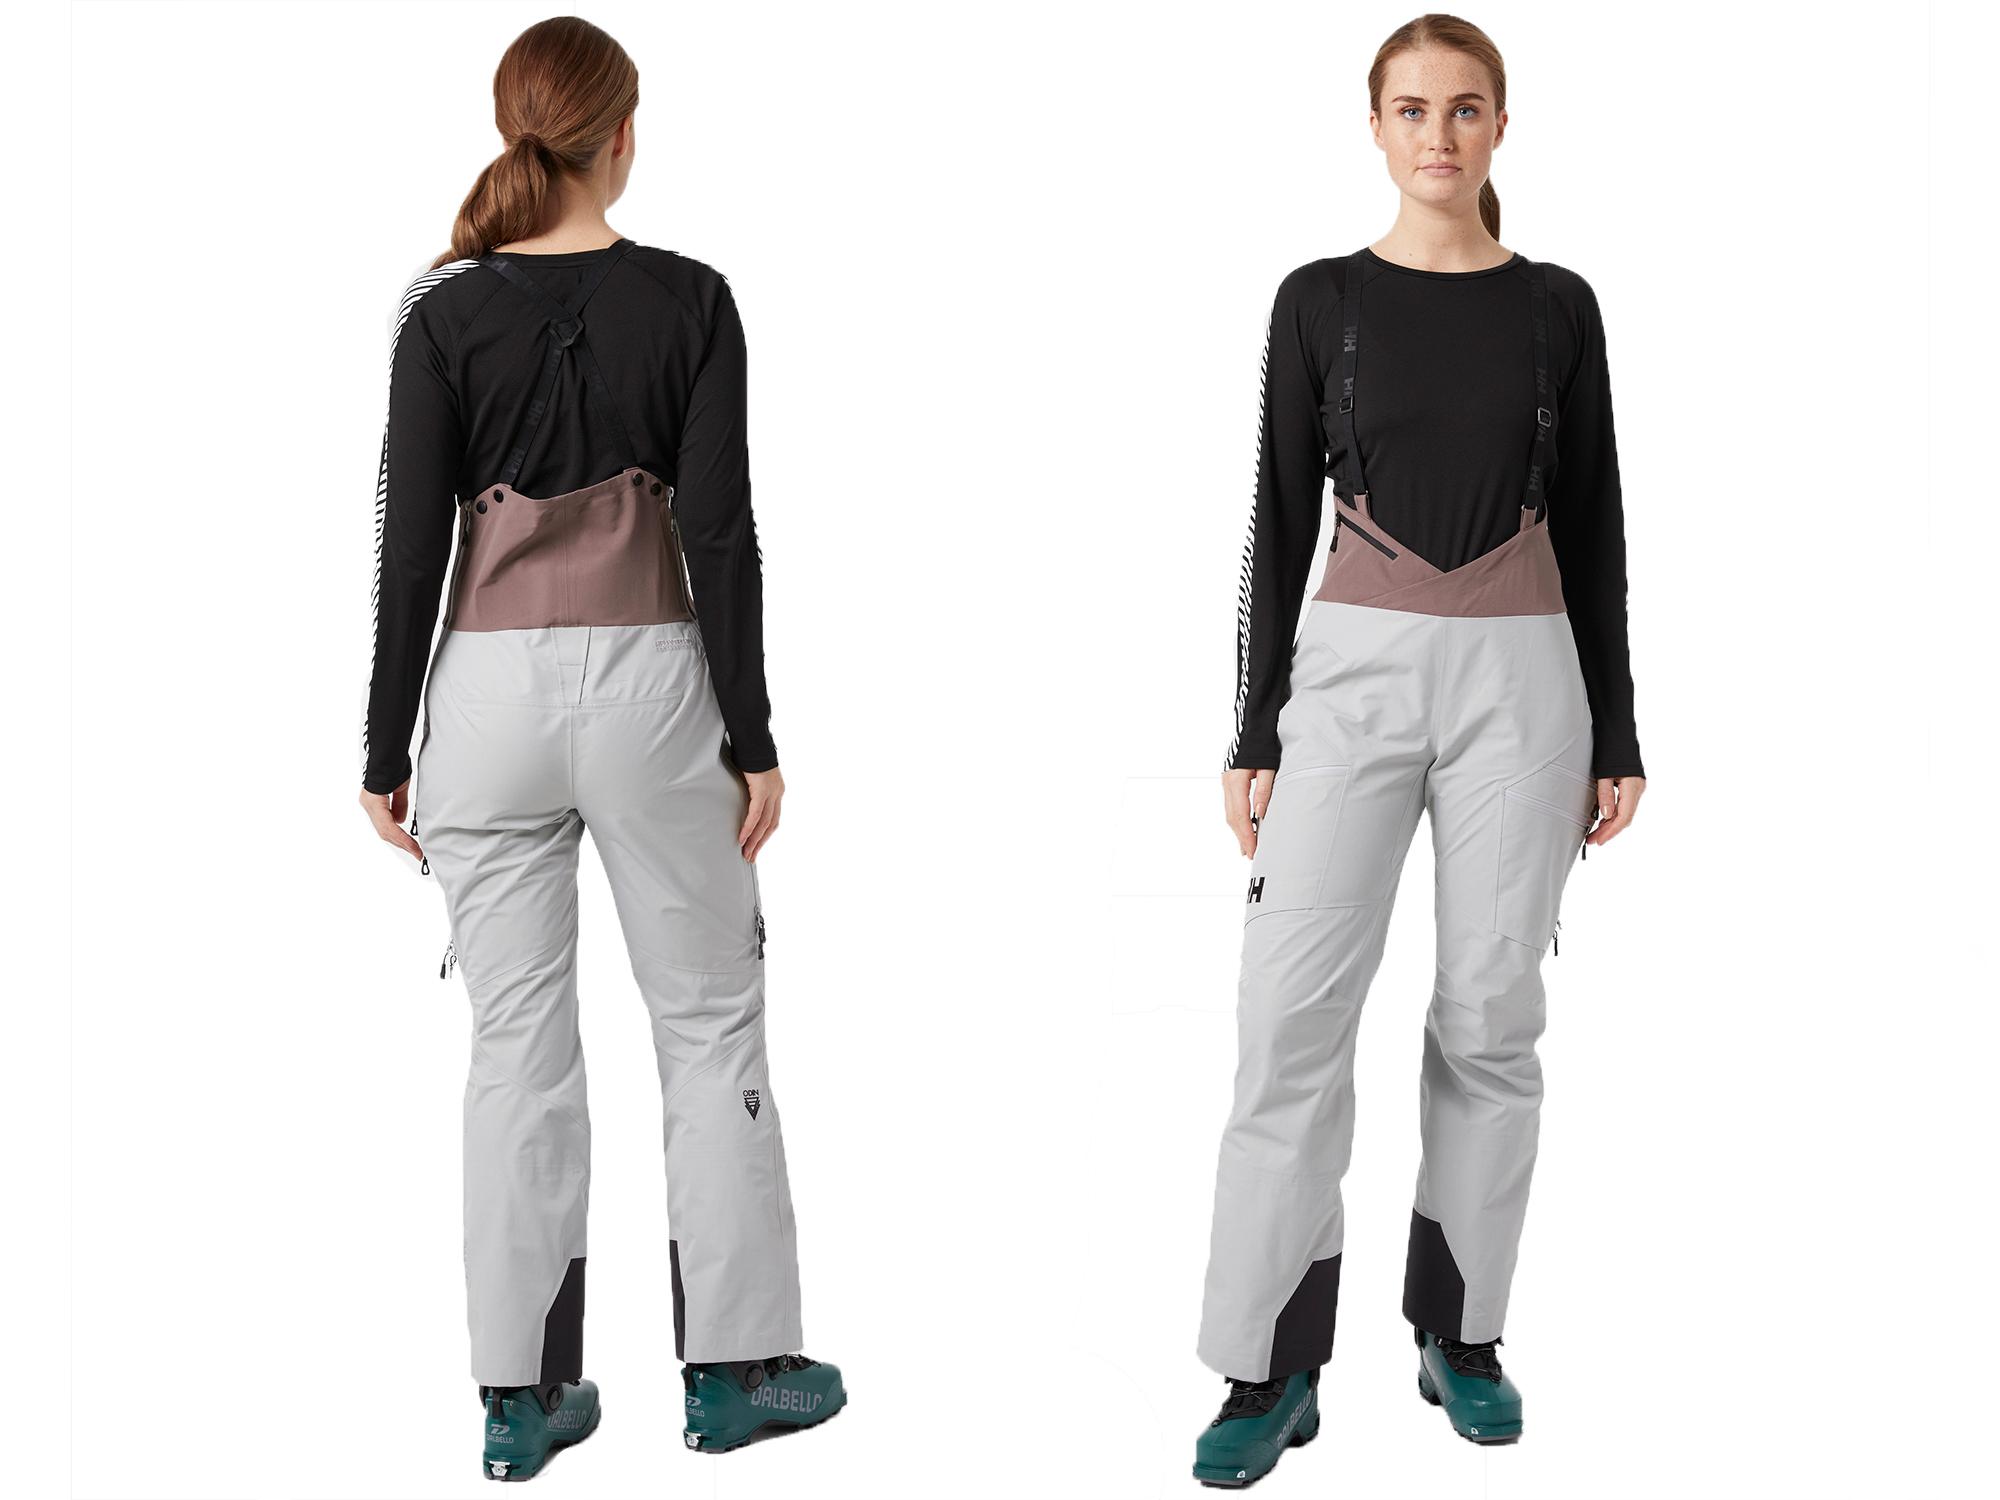 Vorder- und Rückansicht des weiblichen Modells im Pferdeschwanz, der Helly Hansen Hosenlätzchen trägt